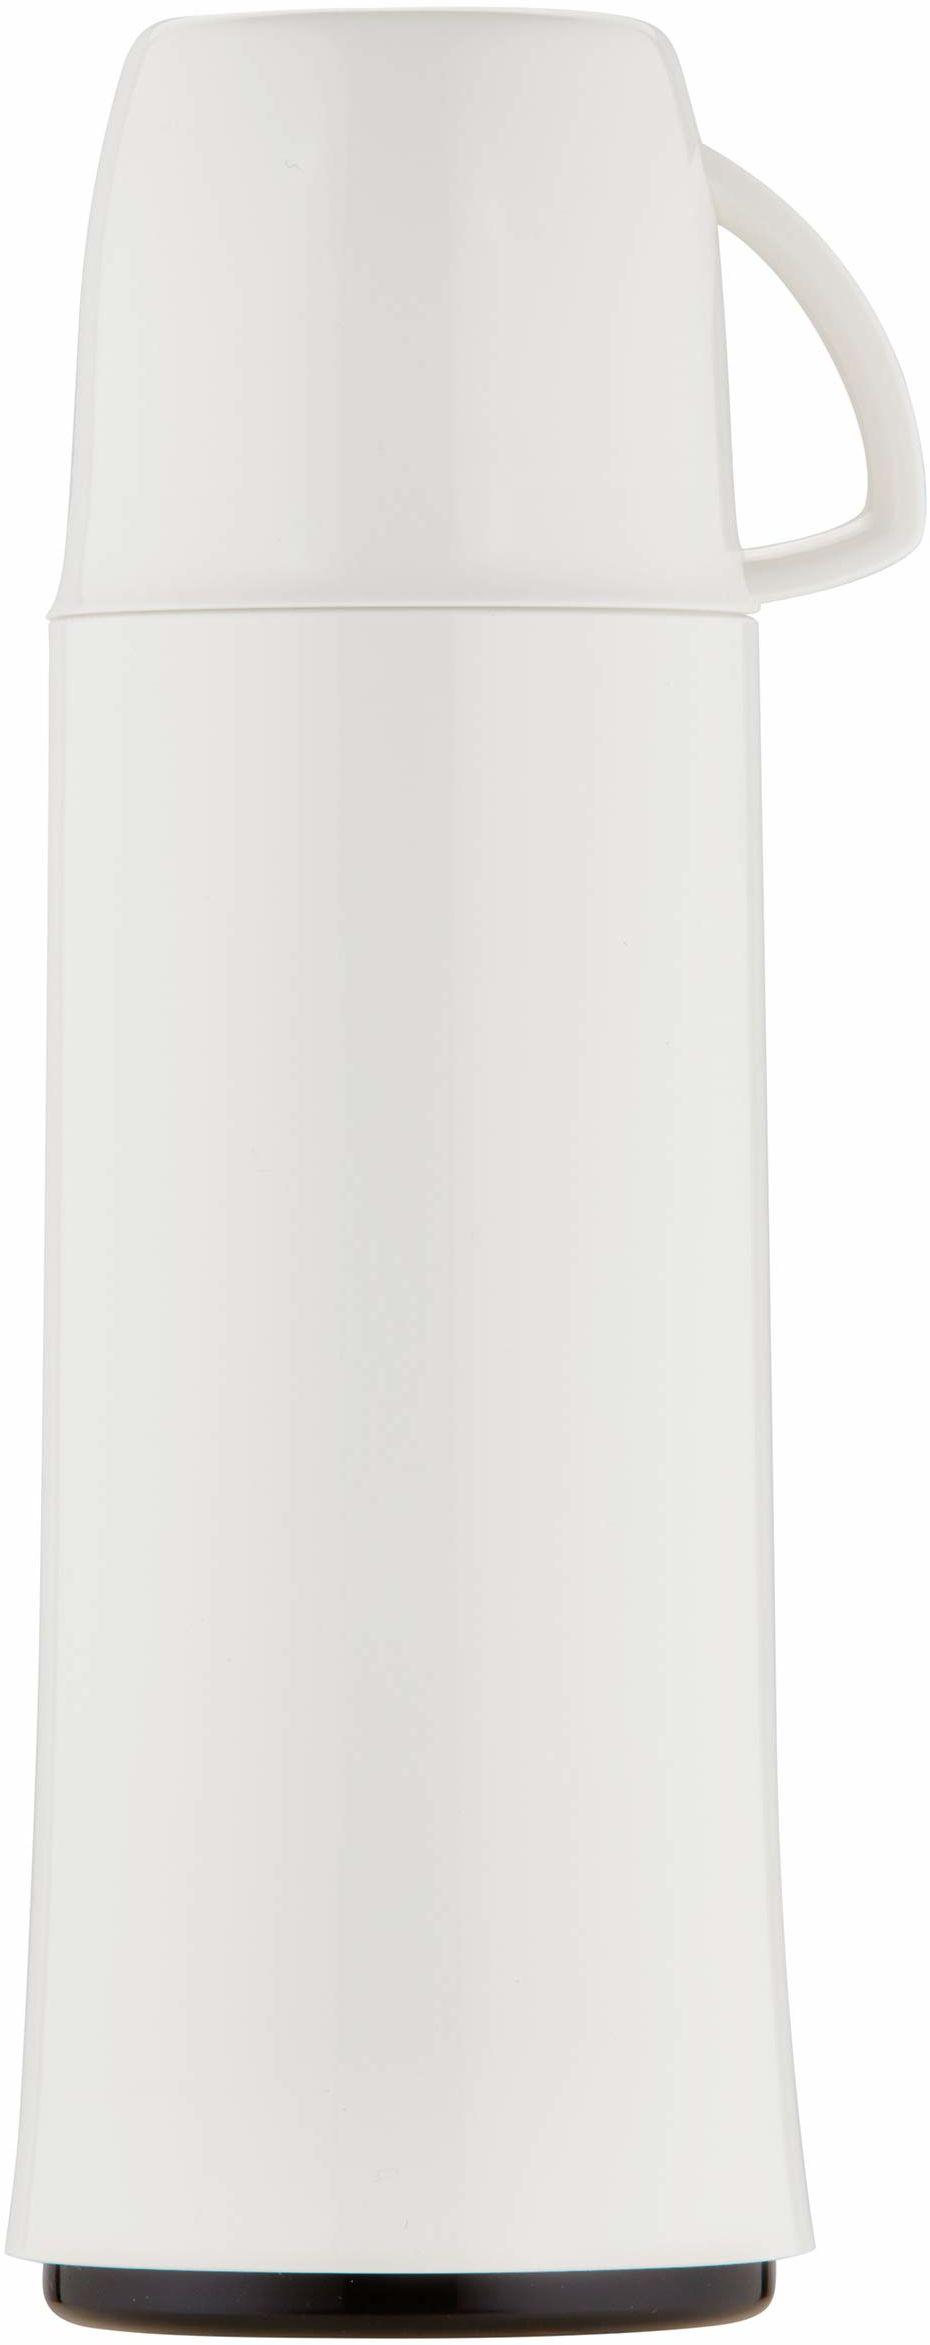 Helios Elegance butelka izolacyjna biała 0,75 l